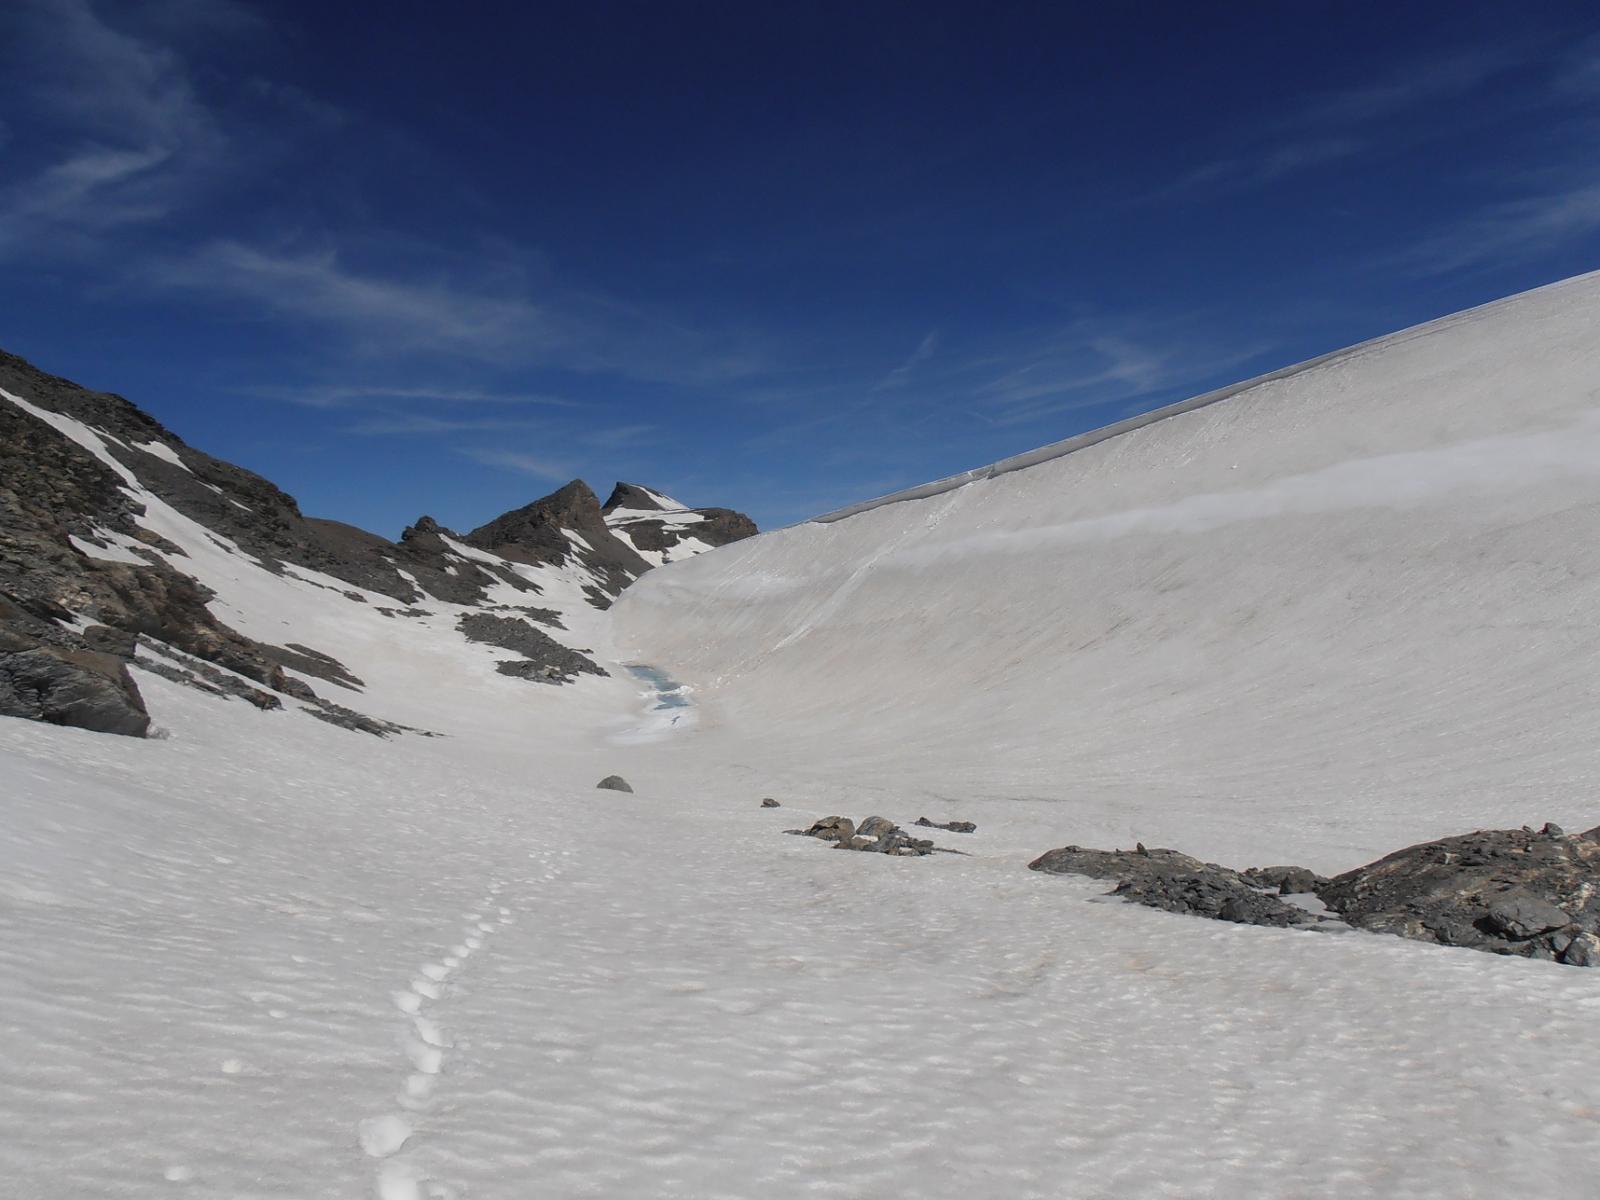 03 - impressionante entrare nell'incavo del lago glaciale prosciugato